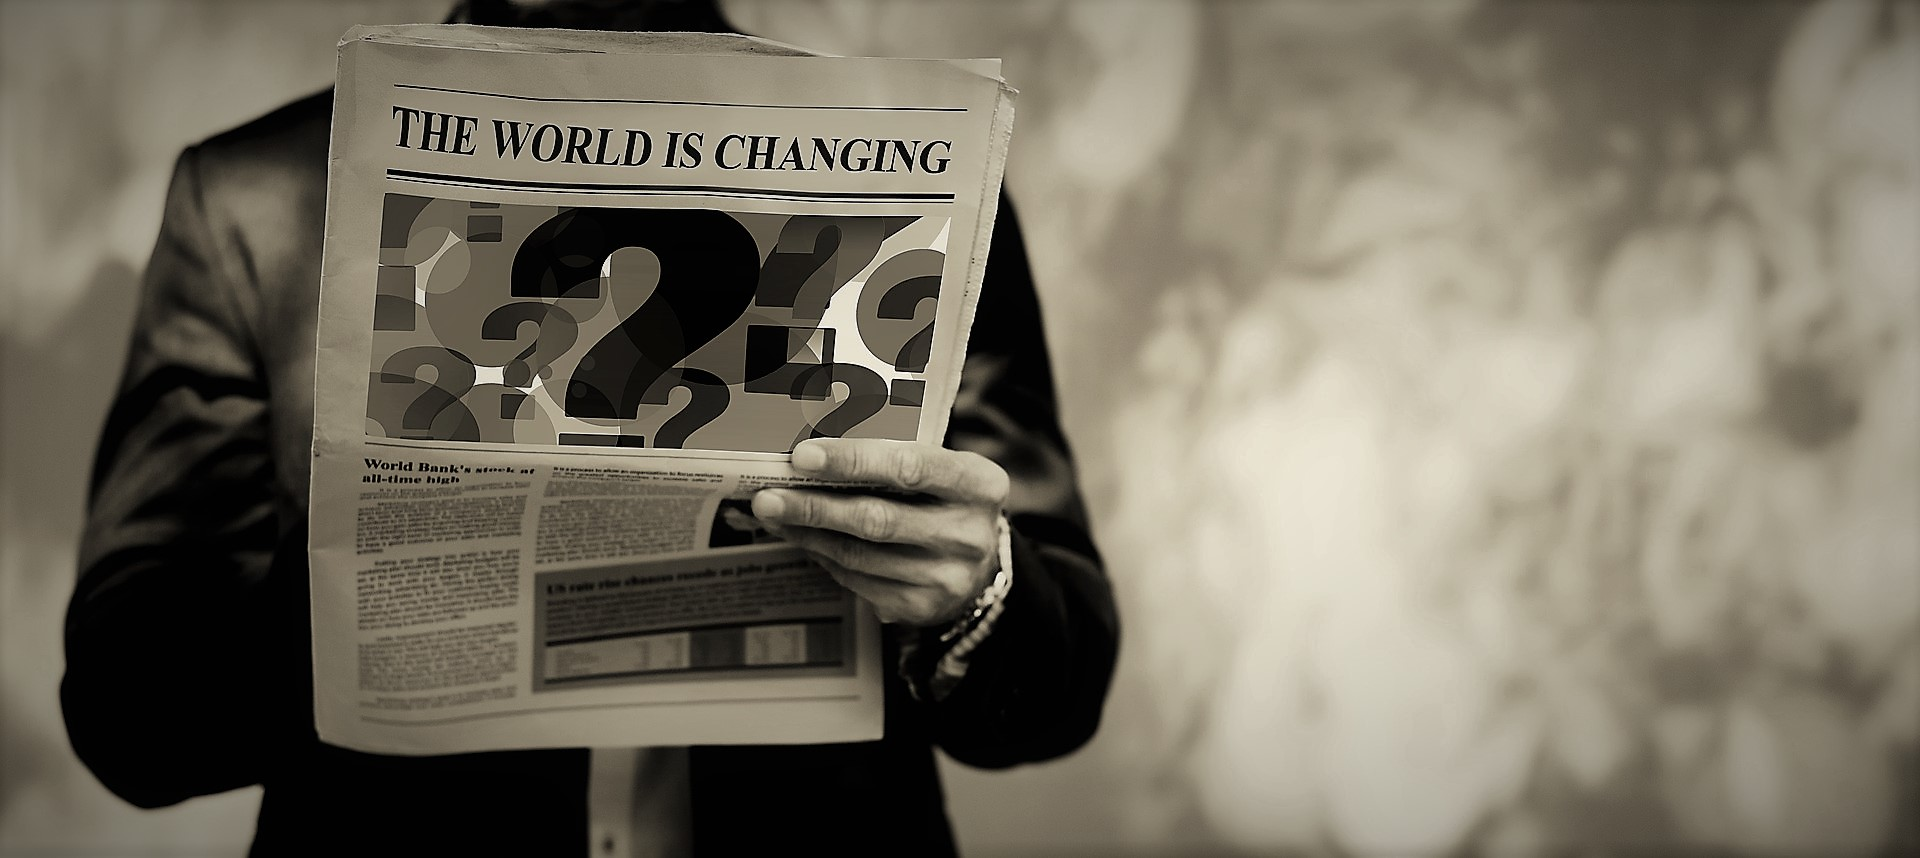 Avrupa Basını Tartışıyor: Şu Ana Kadar Hangi Dersleri Çıkardık?